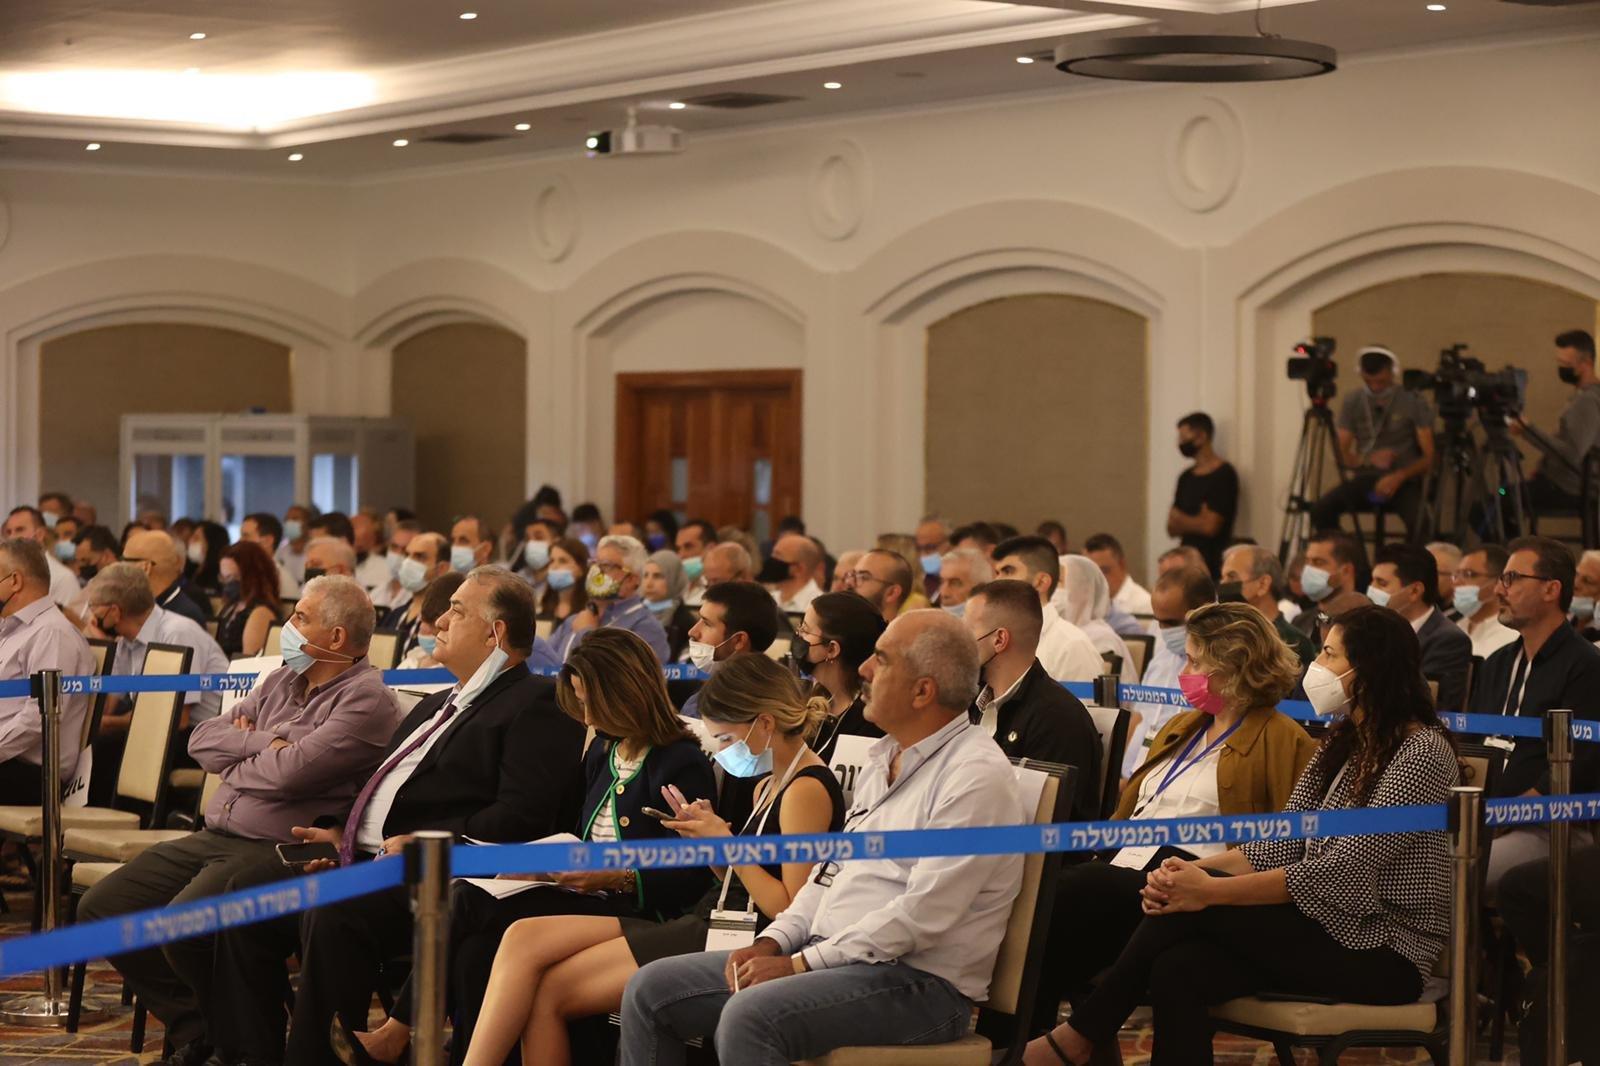 مشاركة كبيرة ومحاضرات هامة في المؤتمر الاقتصادي للمجتمع العربي بالناصرة-19